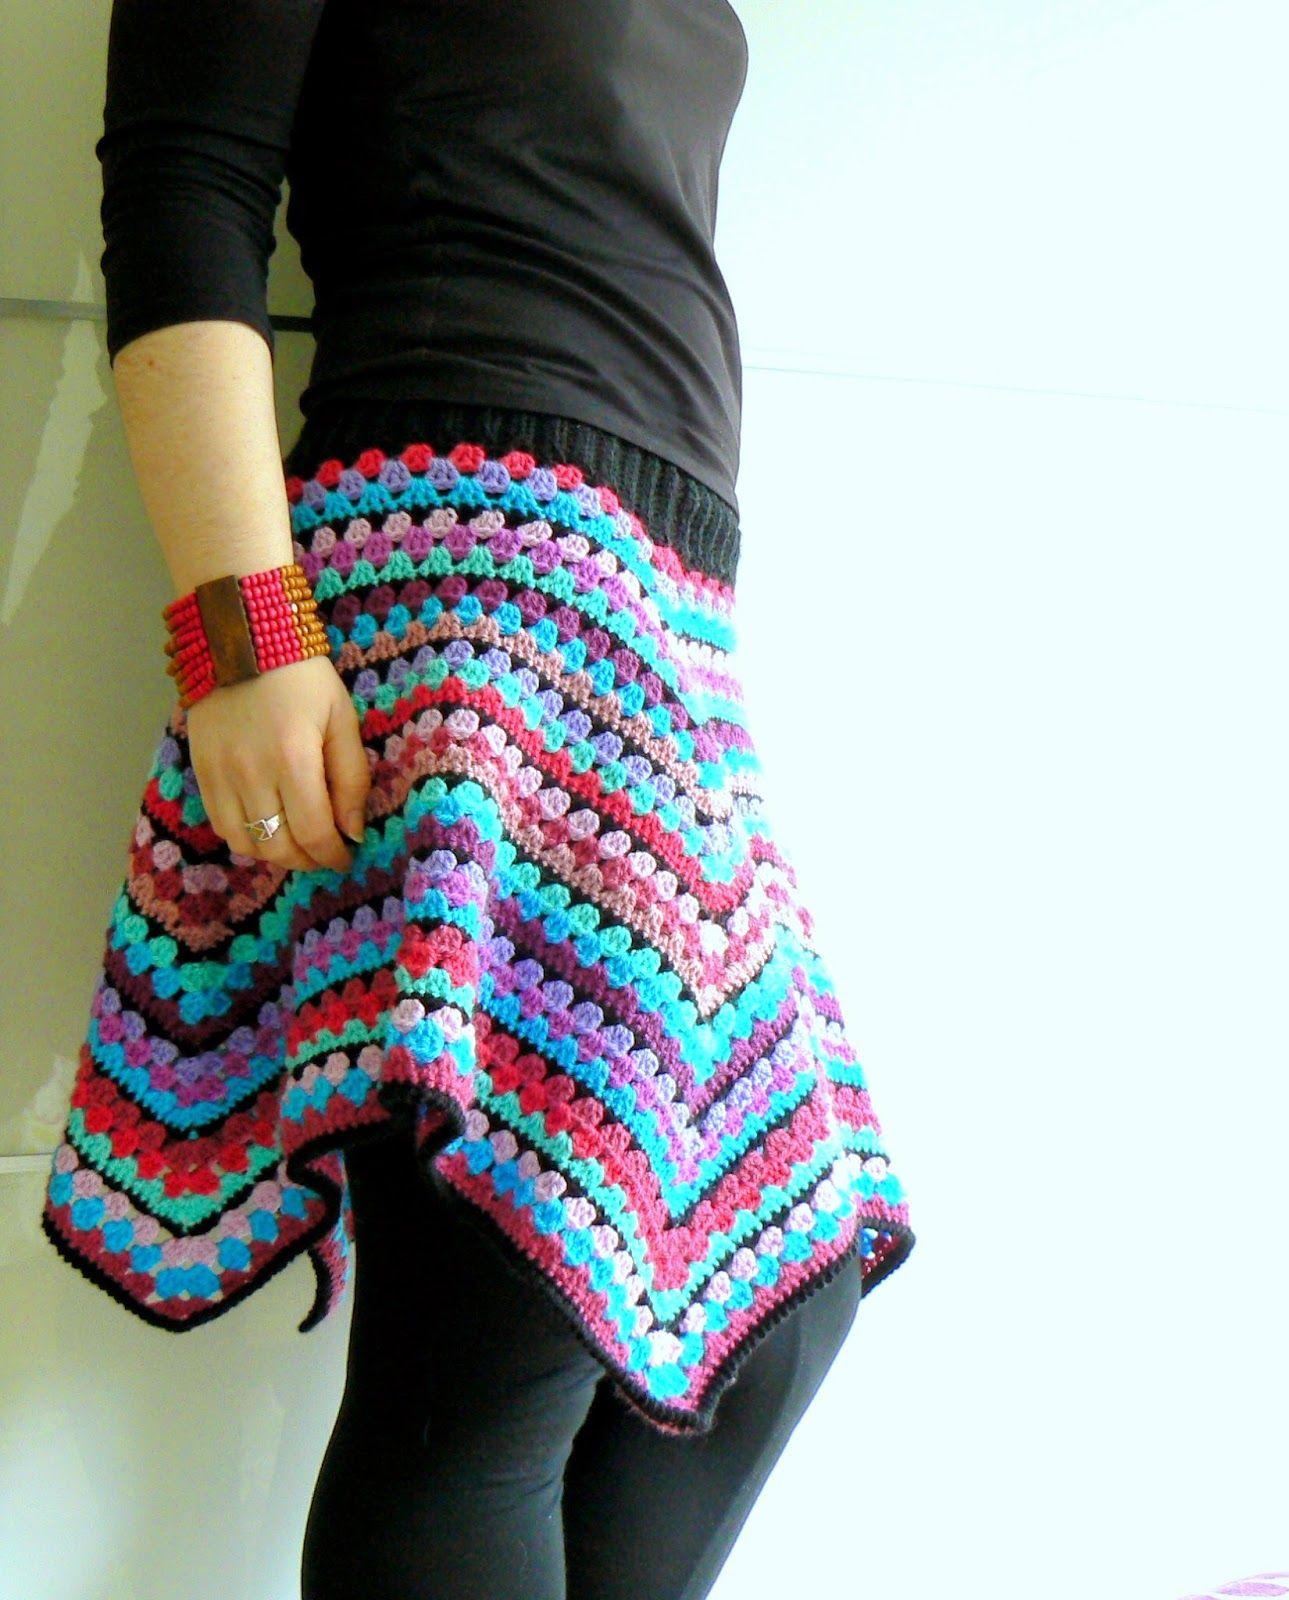 Little Crochet: Granny Square Challenge - The Skirt Reveal | Crochet ...